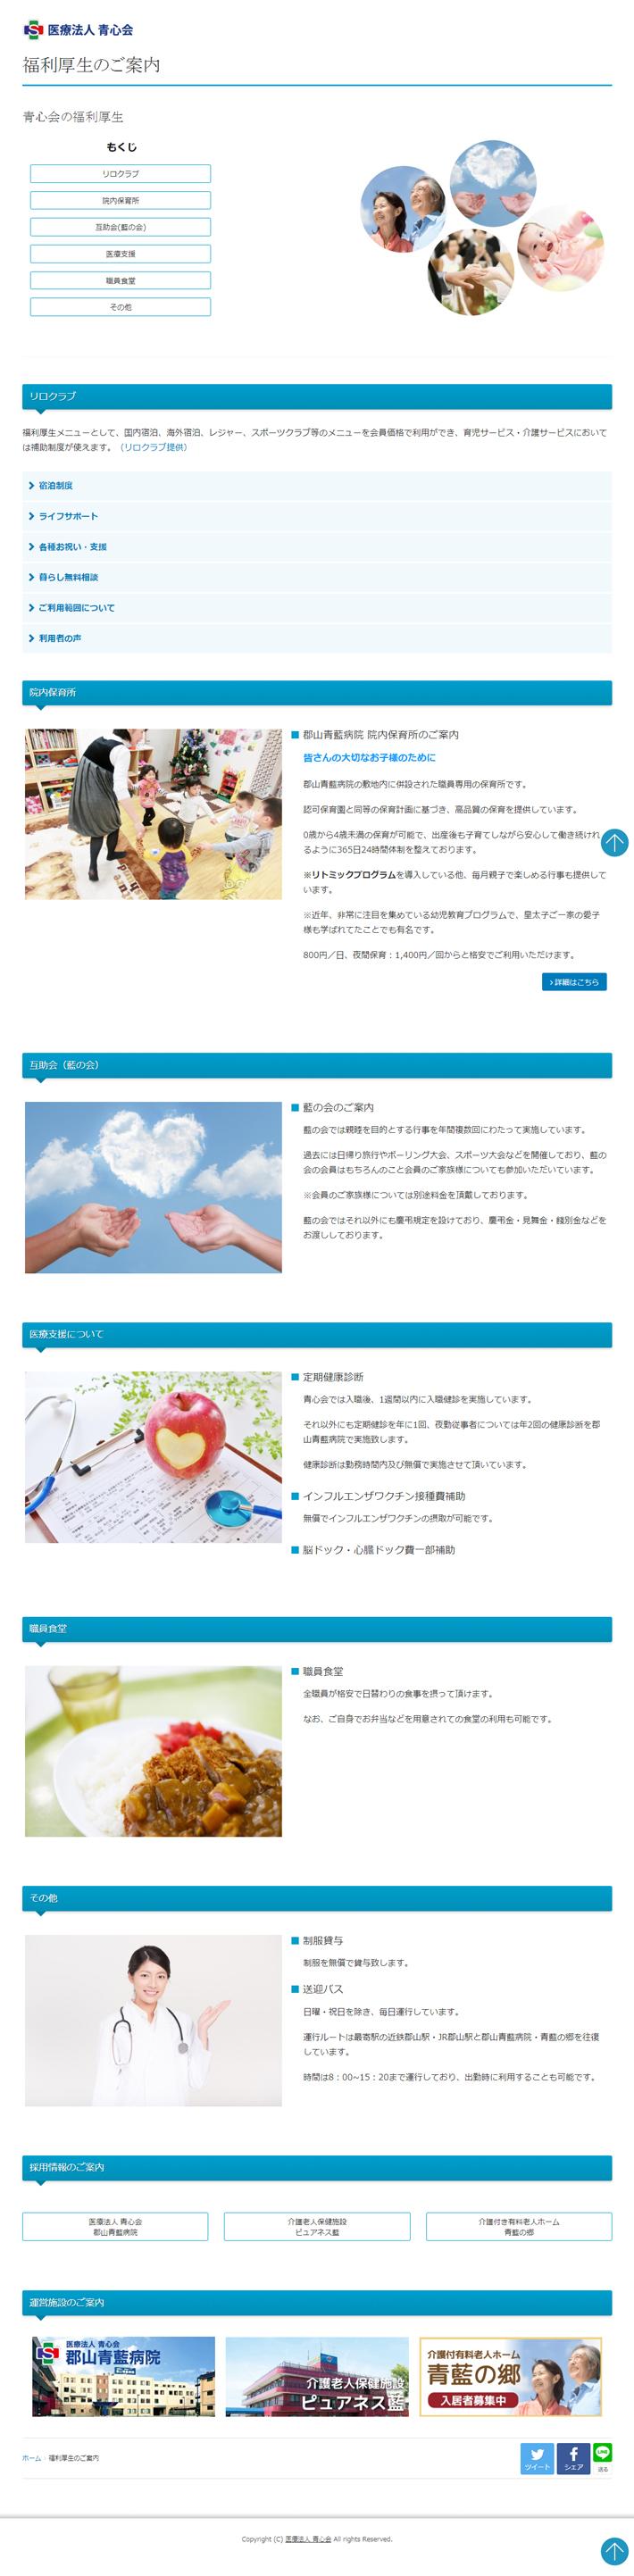 医療法人青心会 福利厚生ページ